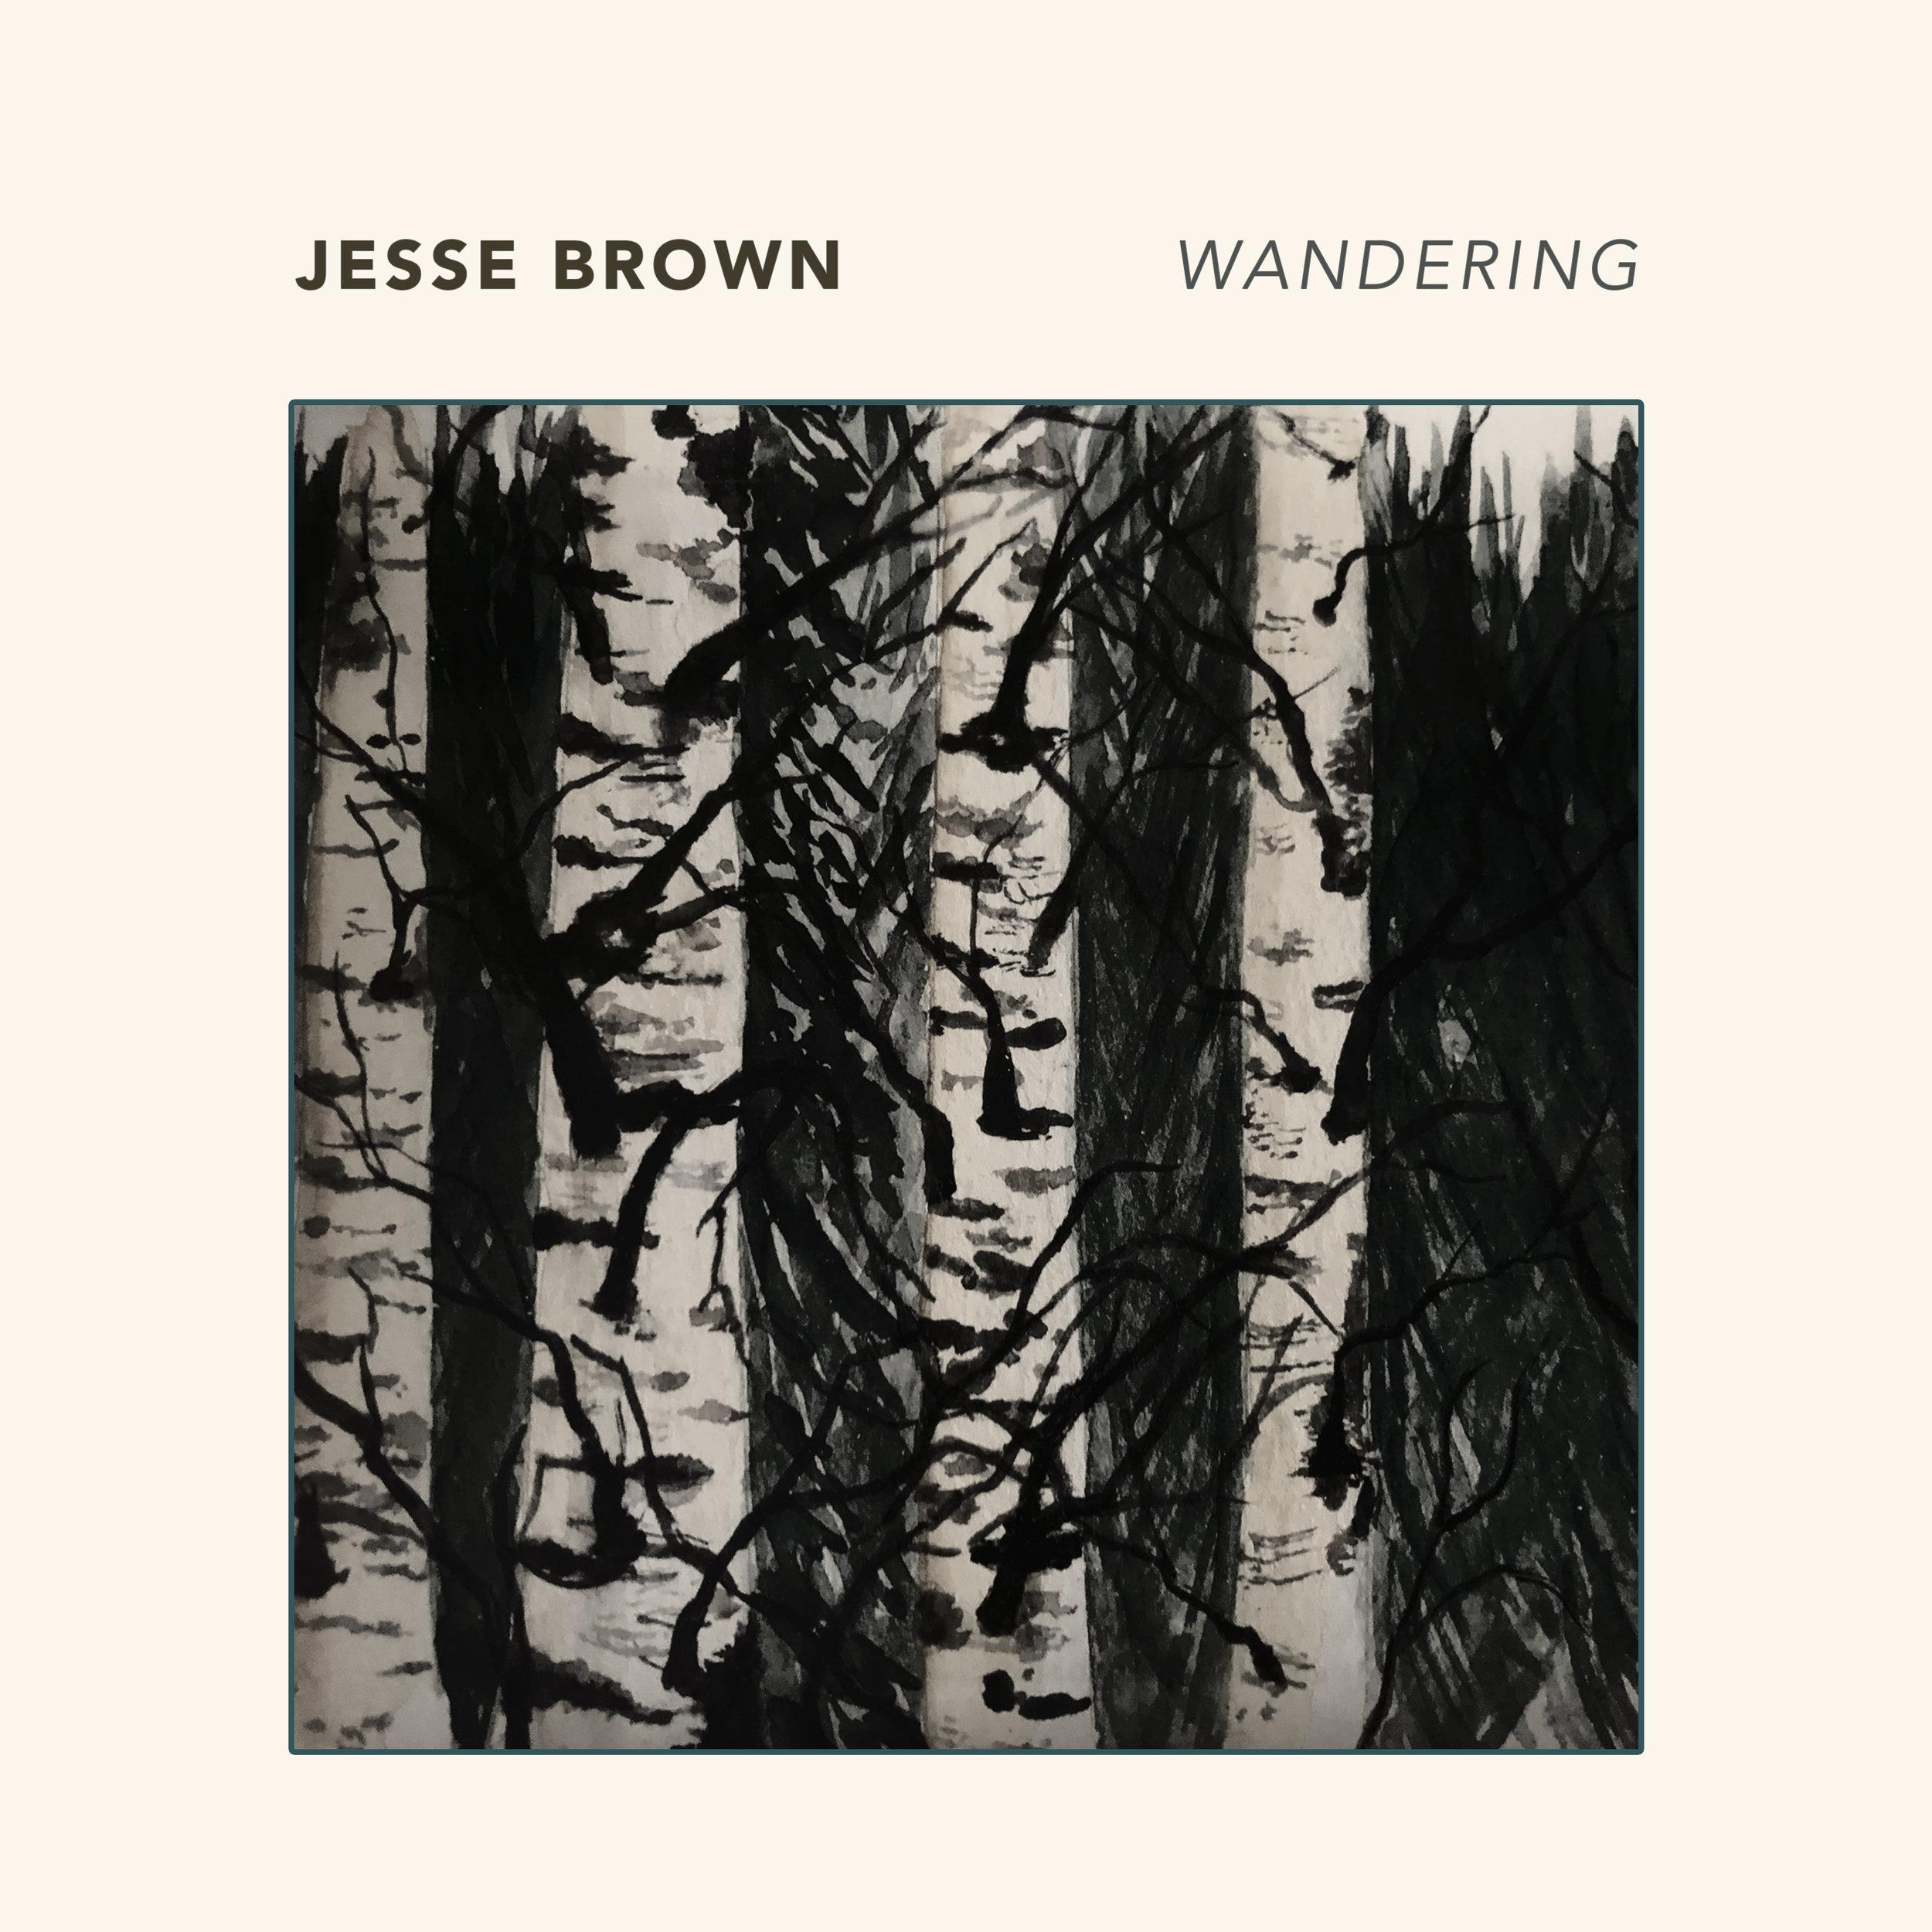 Jesse brown - Wander.jpg